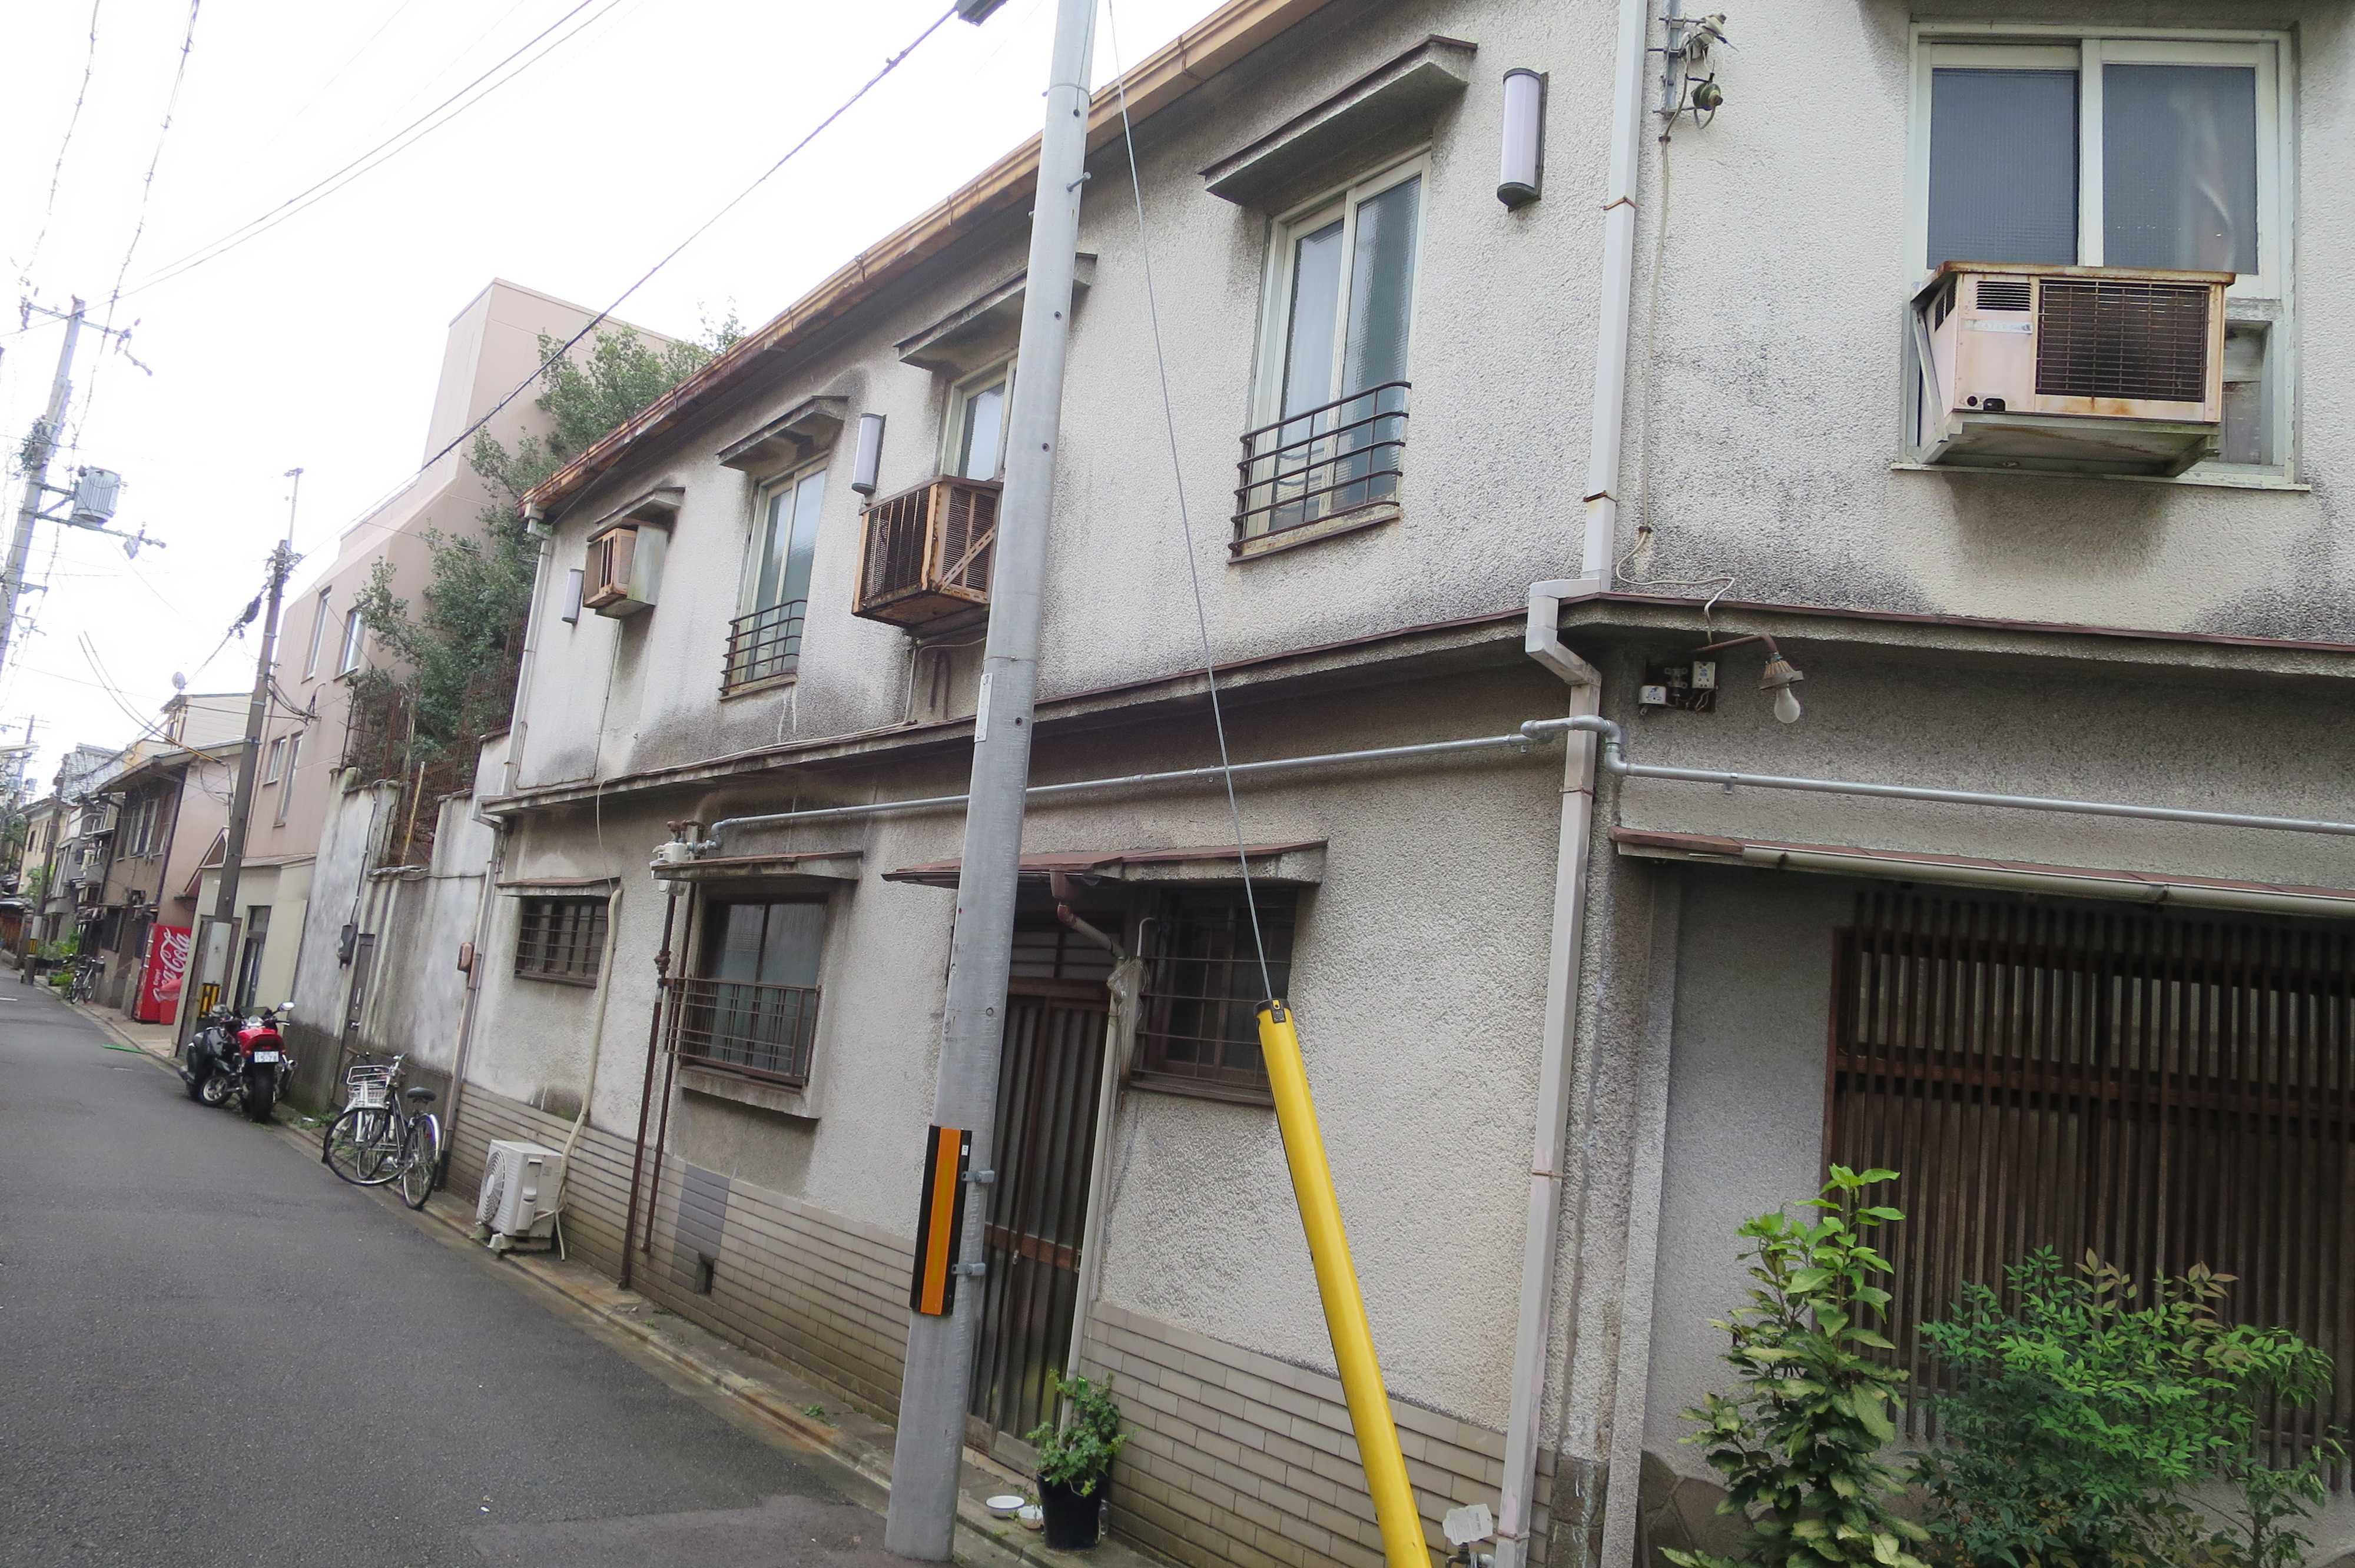 京都・五条 - 窓がやたらとある建物(壁の下部はタイル張り)